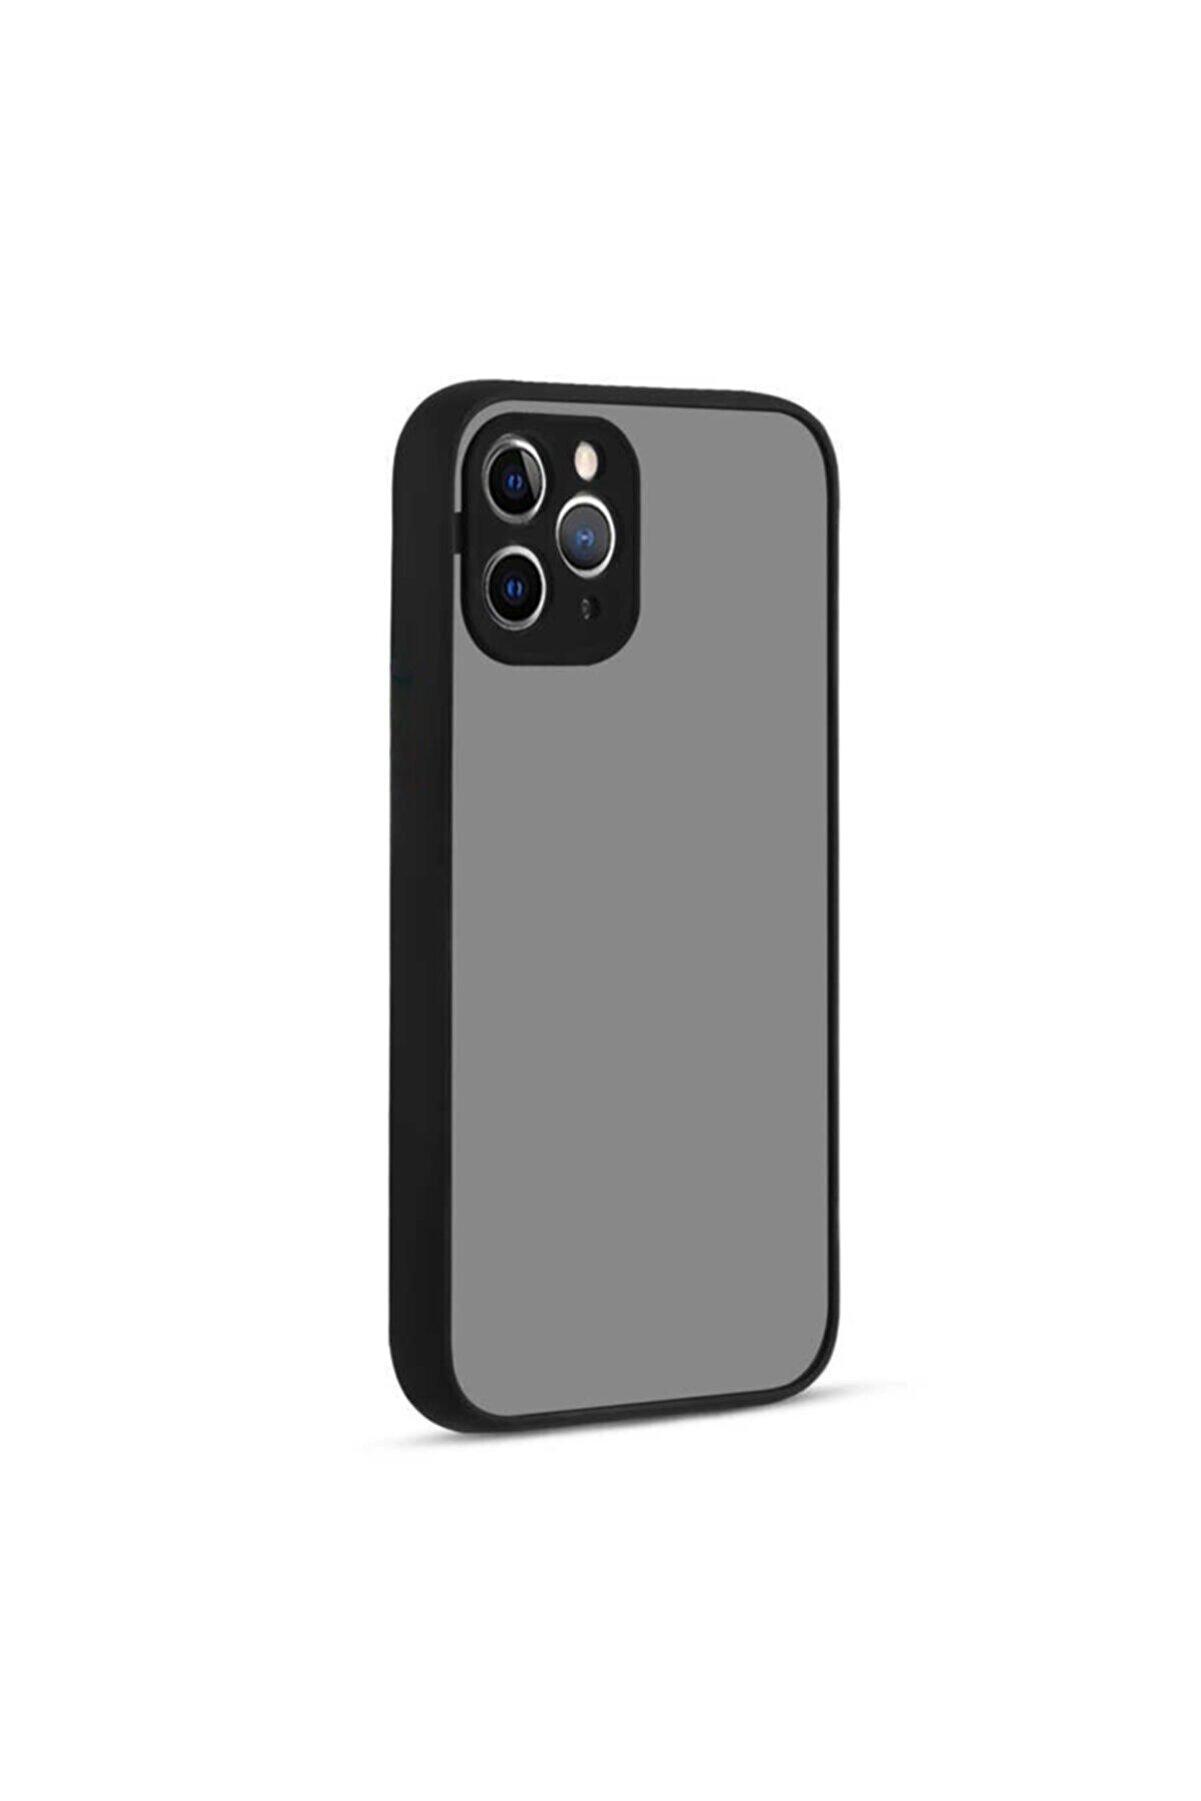 Beyza Gsm Iphone 11 Pro Yanları Yumuşak Siyah Silikon Kılıf